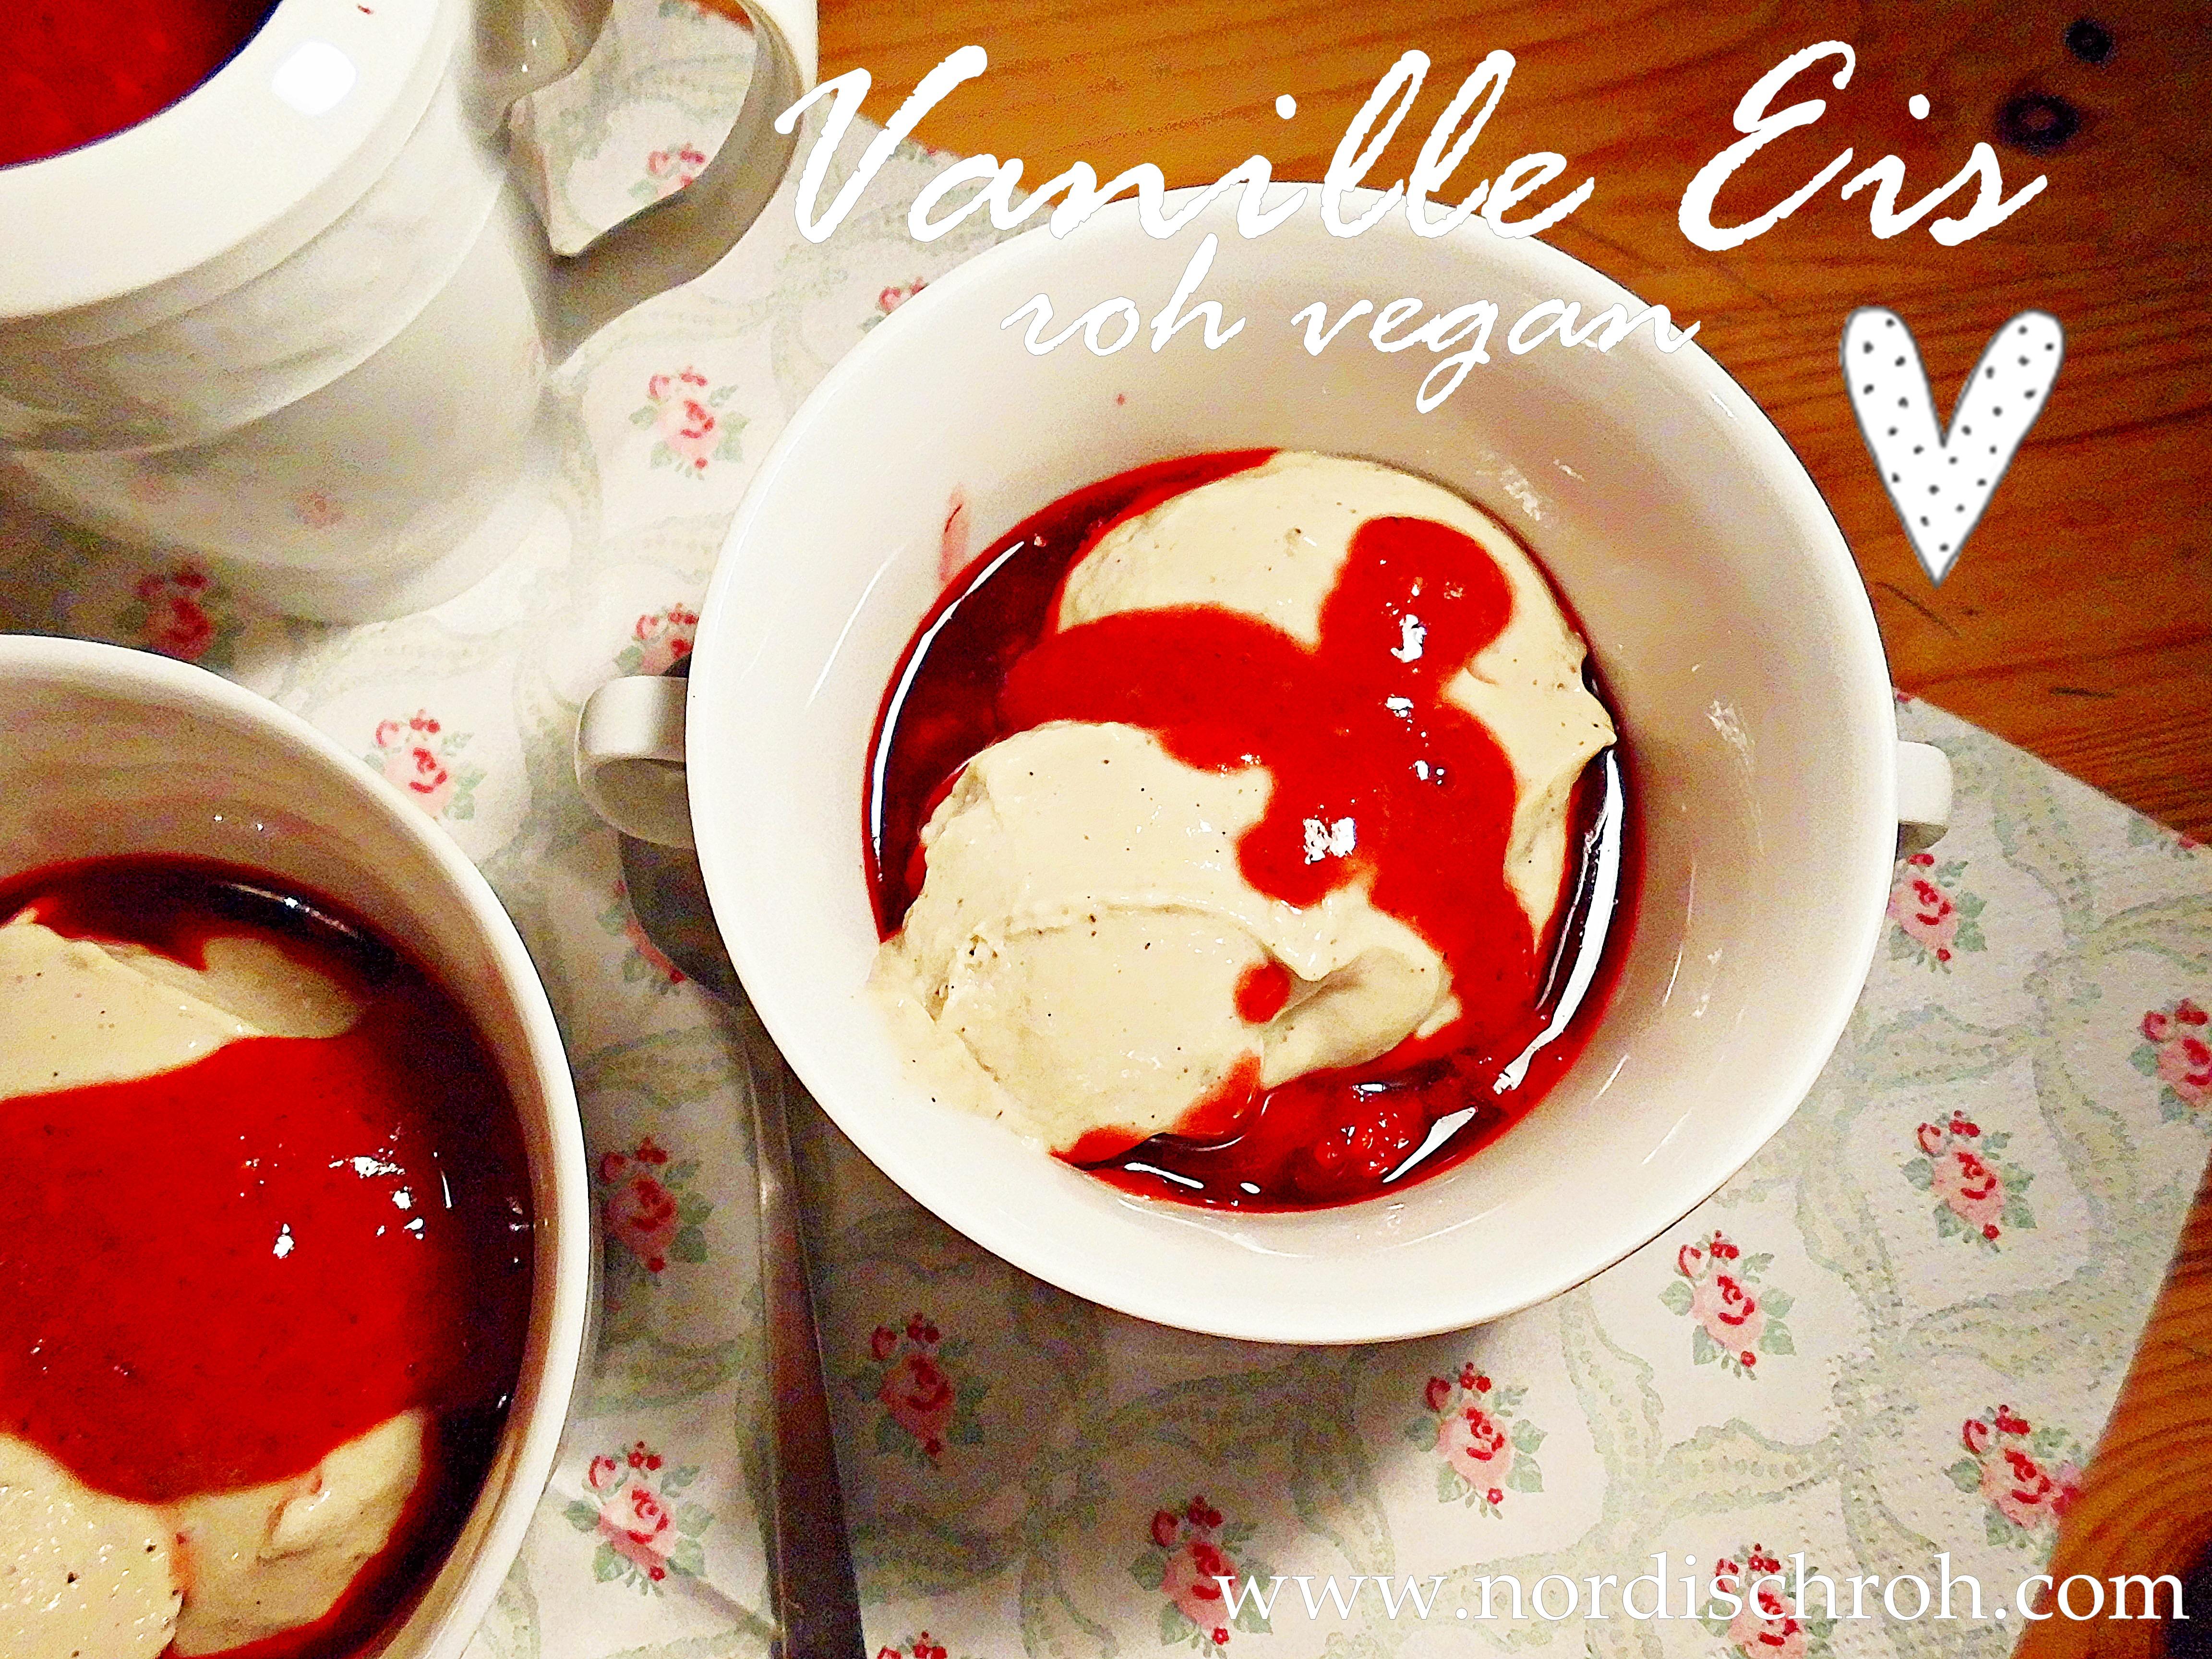 Vanille Eis roh vegan